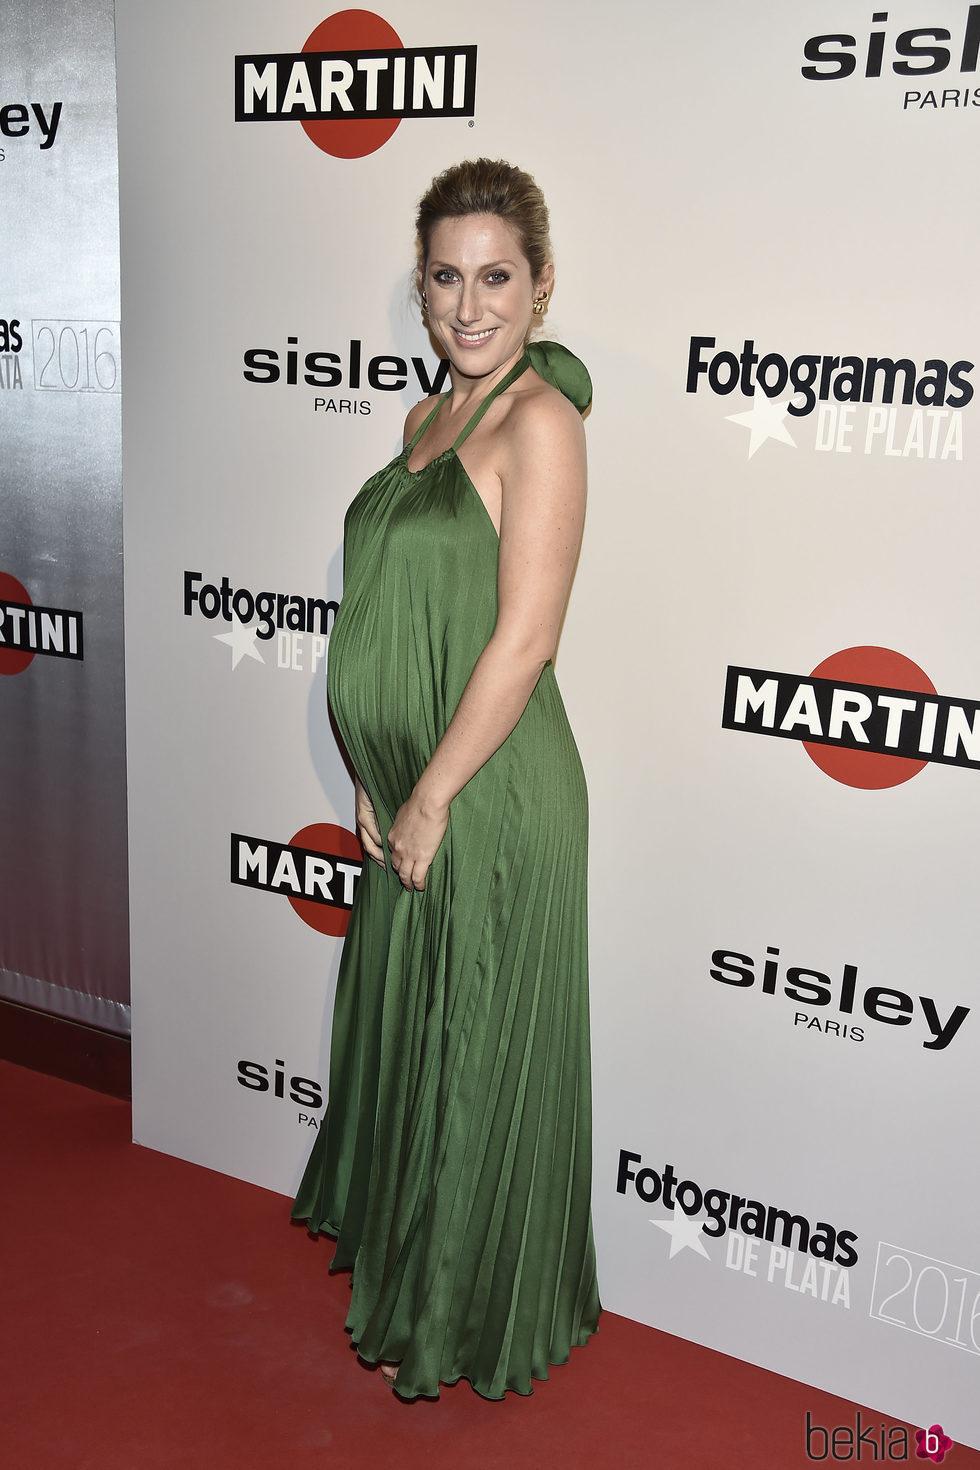 Cecilia Freire embarazadísima en la alfombra roja de los Premios Fotogramas de Plata 2016